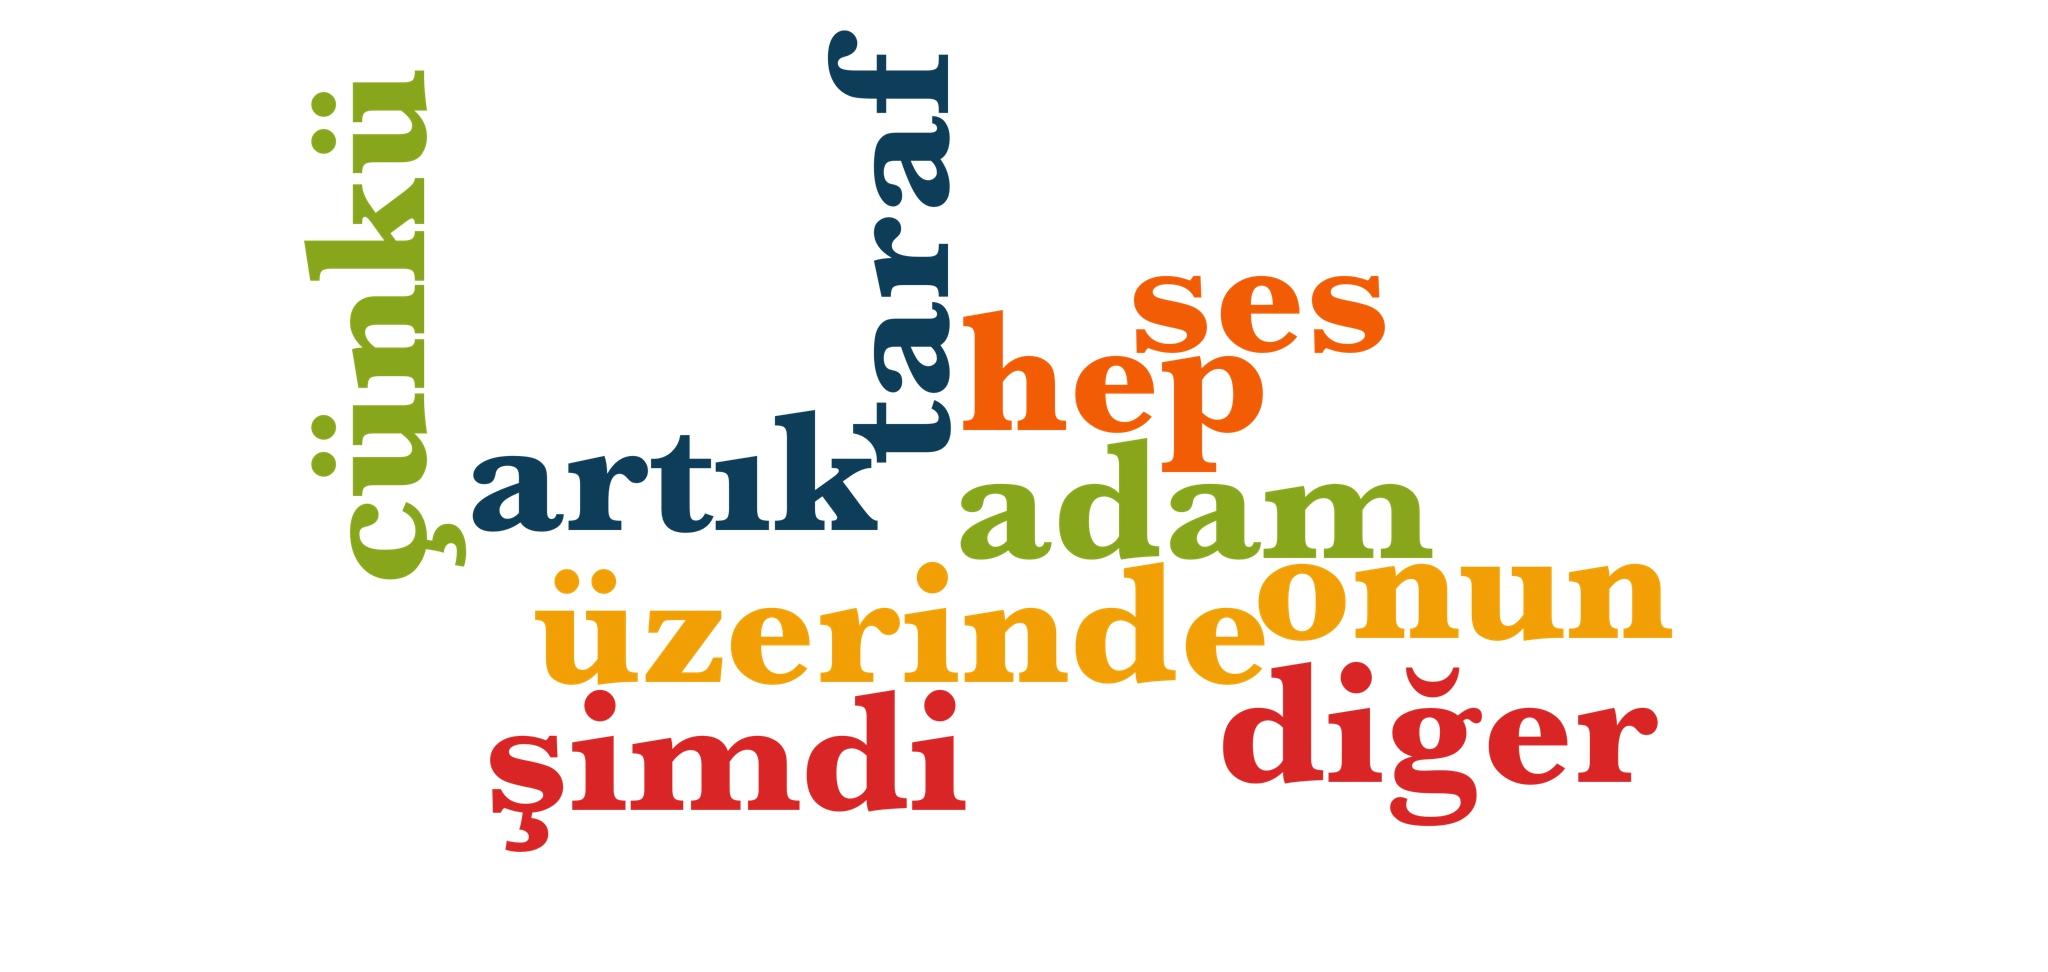 Wörter 111 bis 120 der 1000 häufigsten Wörter der türkischen Sprache